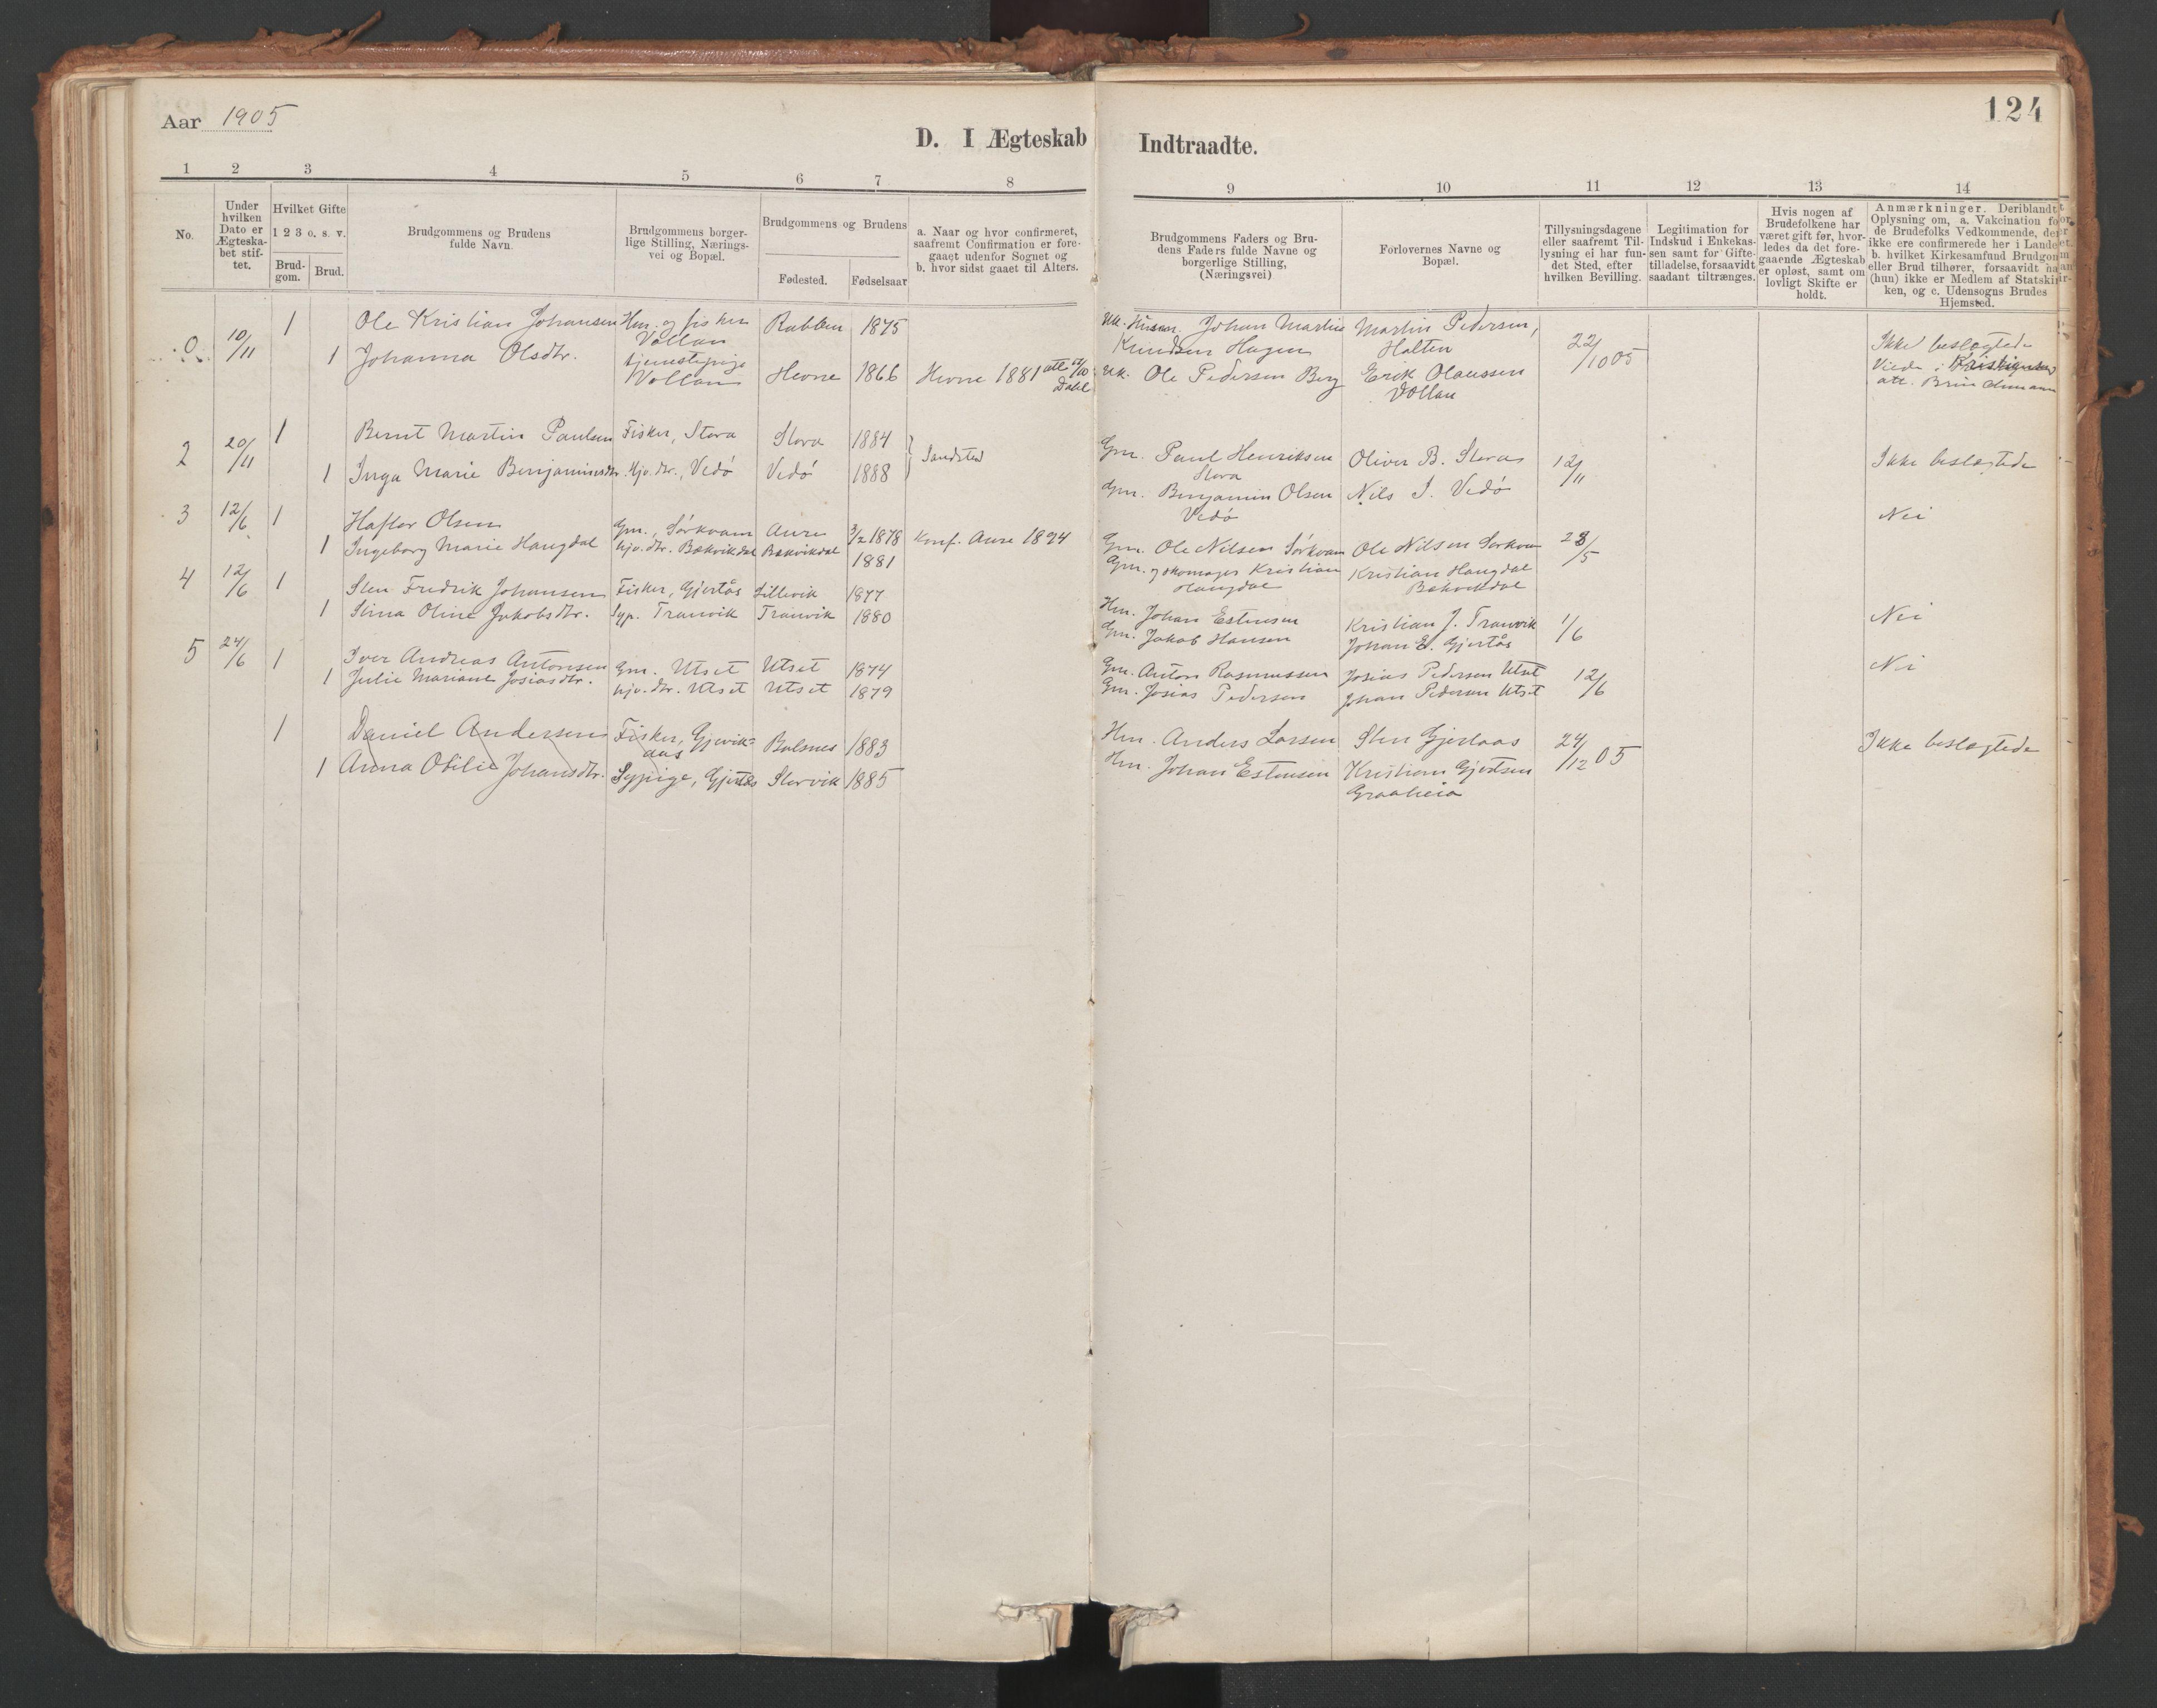 SAT, Ministerialprotokoller, klokkerbøker og fødselsregistre - Sør-Trøndelag, 639/L0572: Ministerialbok nr. 639A01, 1890-1920, s. 124